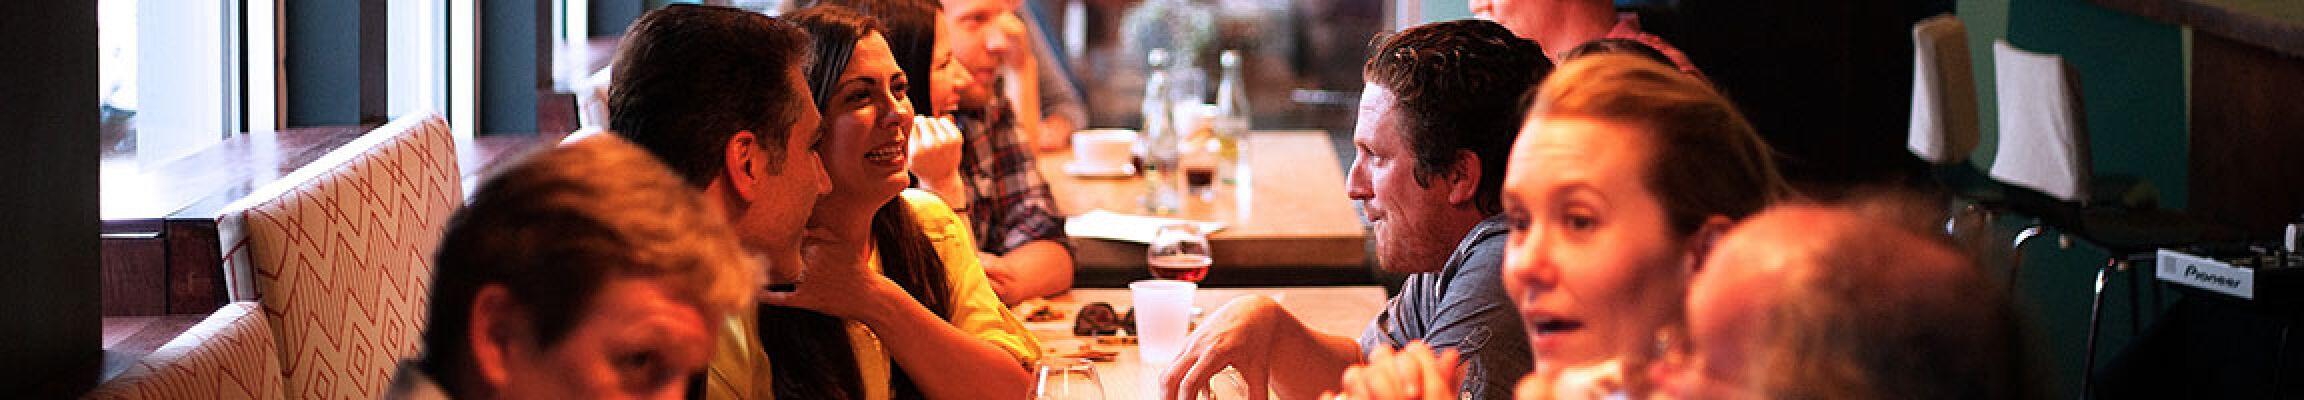 Cheat Meals und das echte Leben